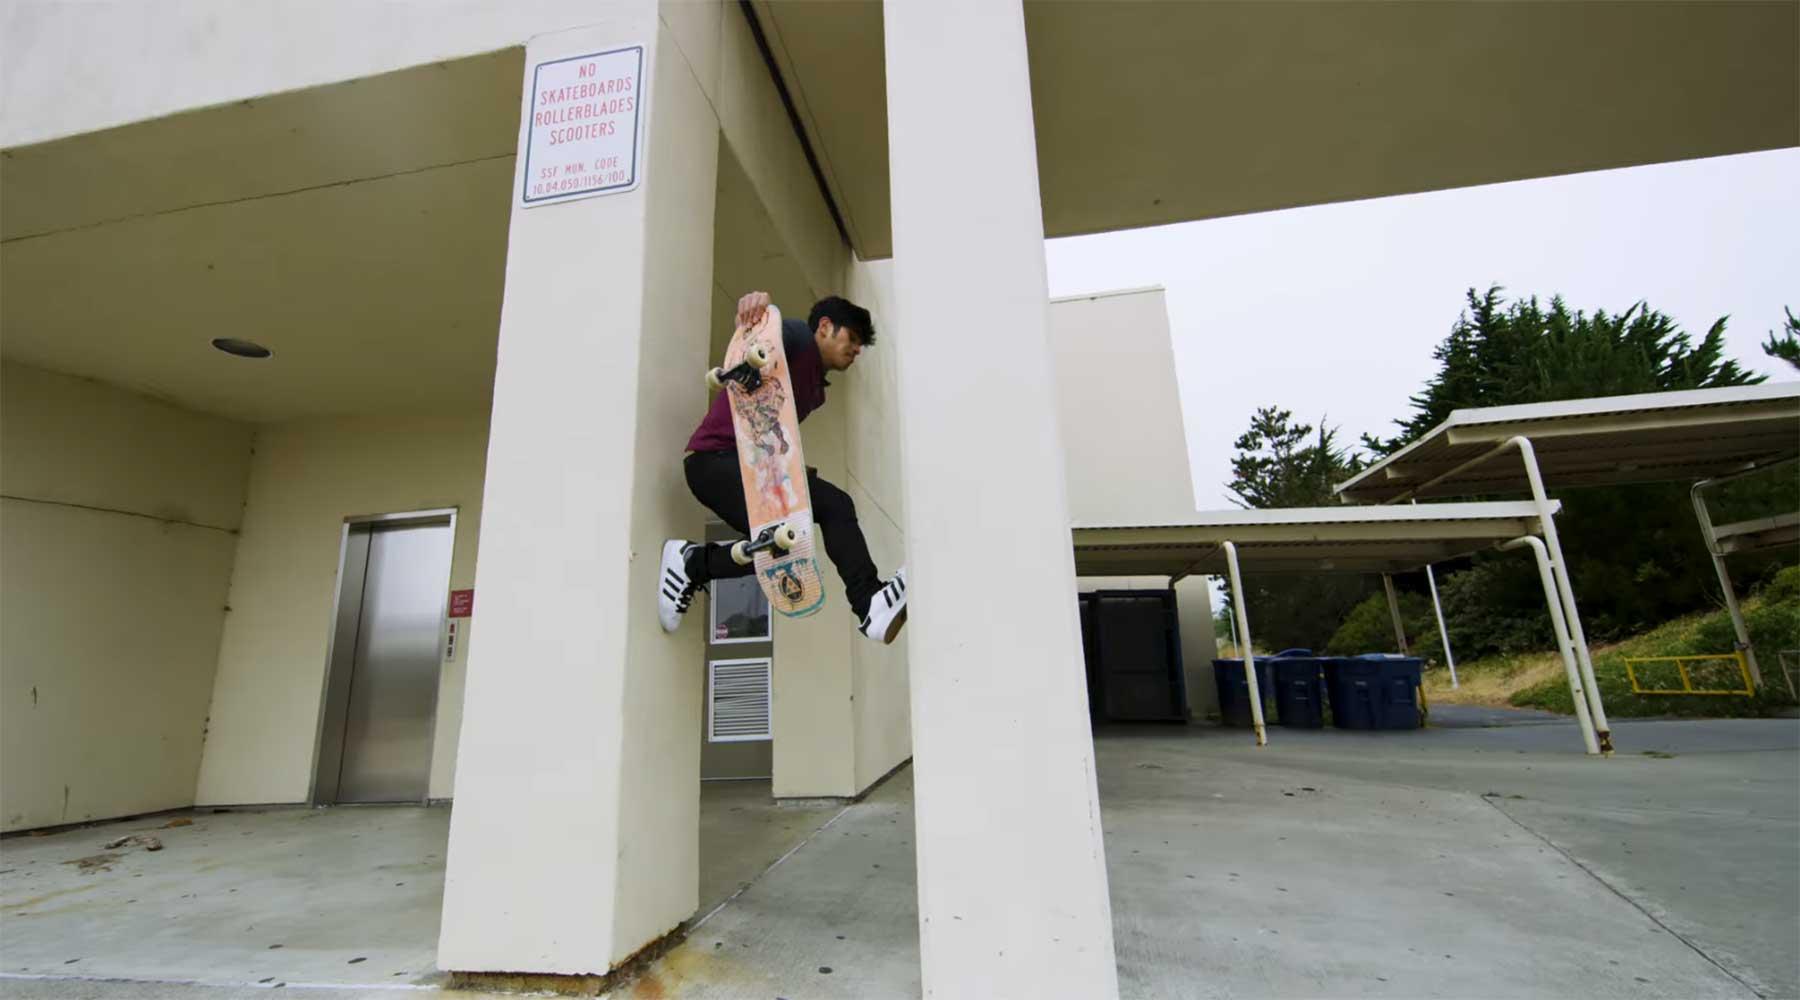 Skateboard Parkour